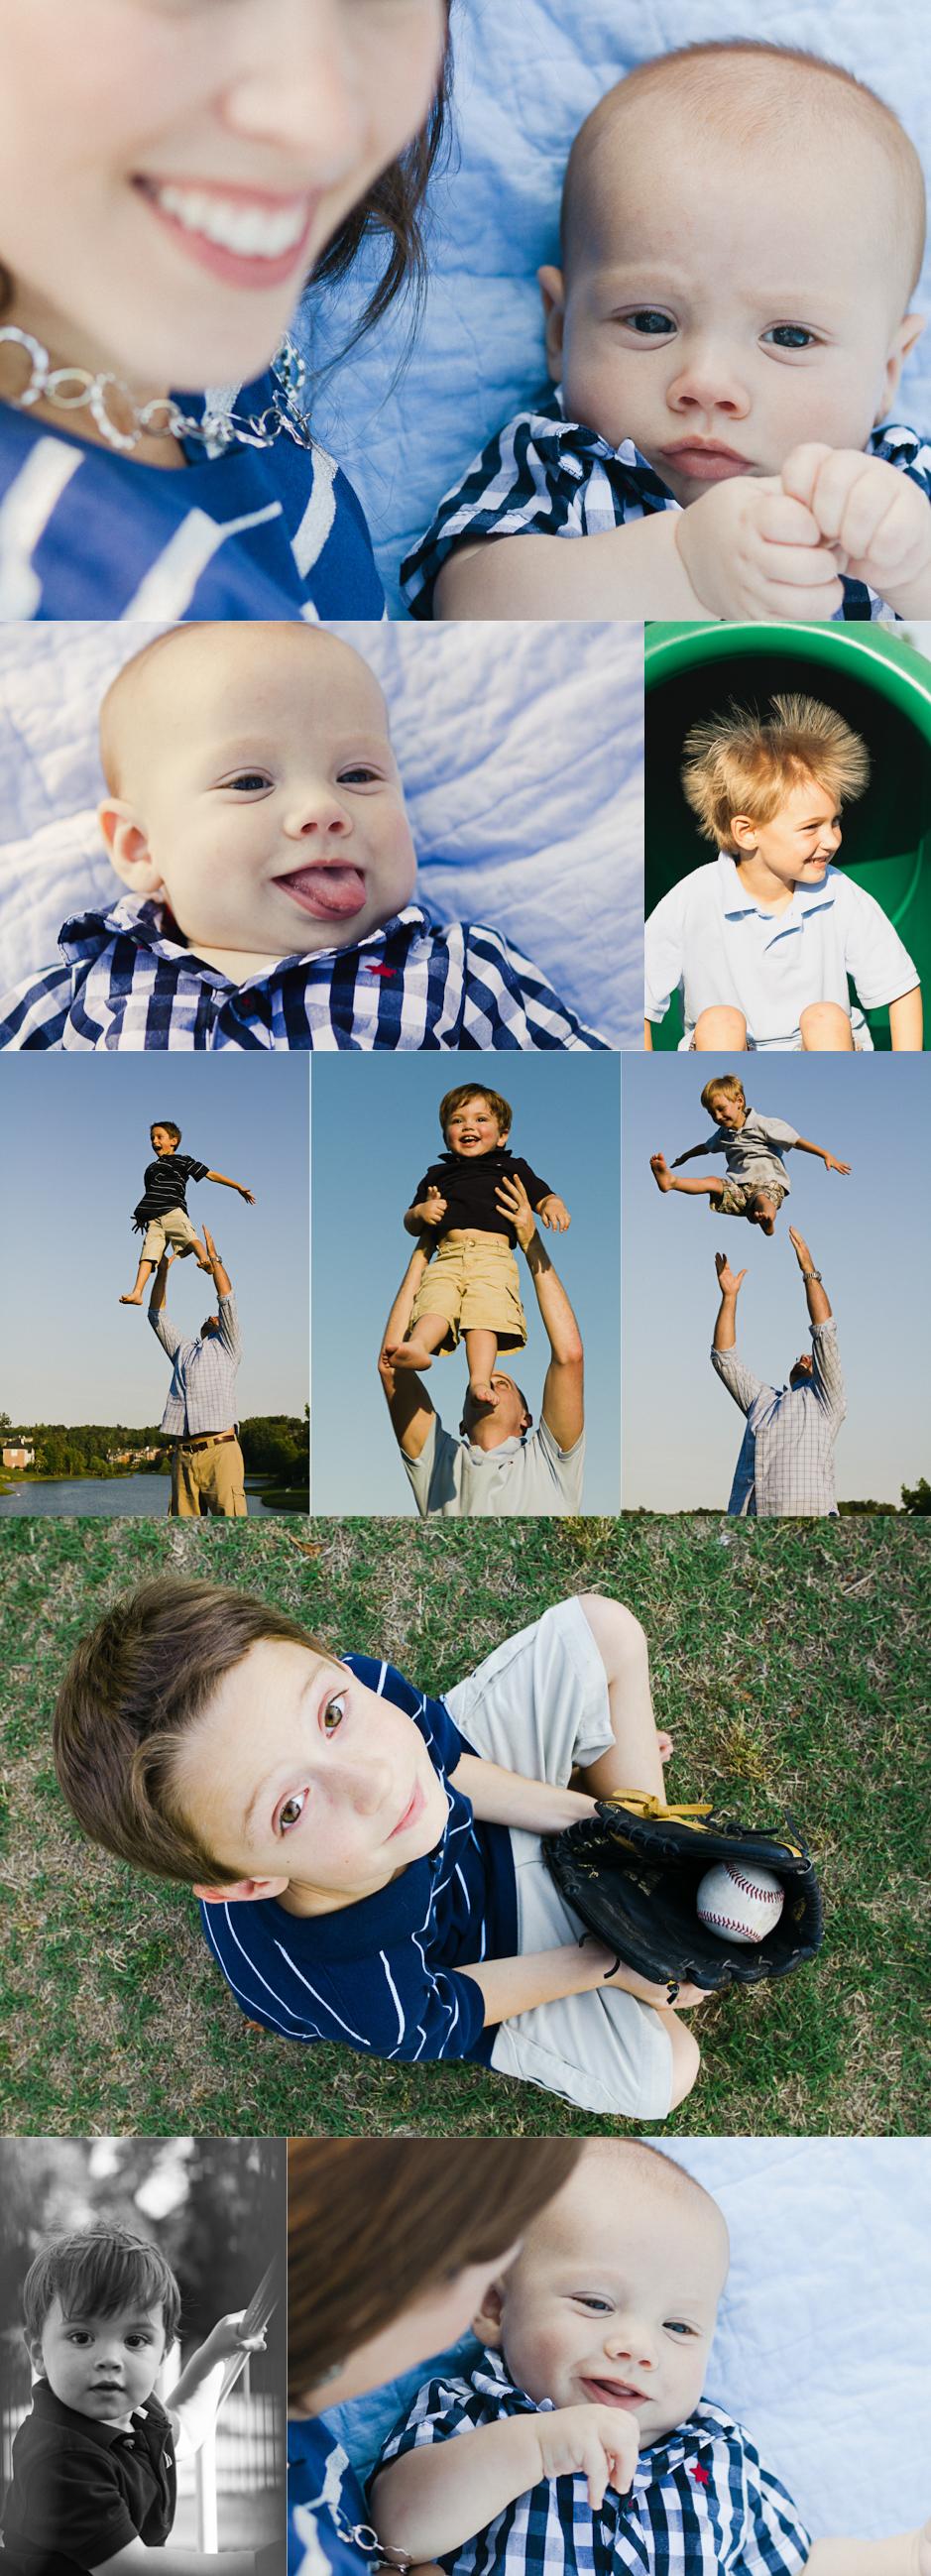 Spengler_Family_Photo_1-2